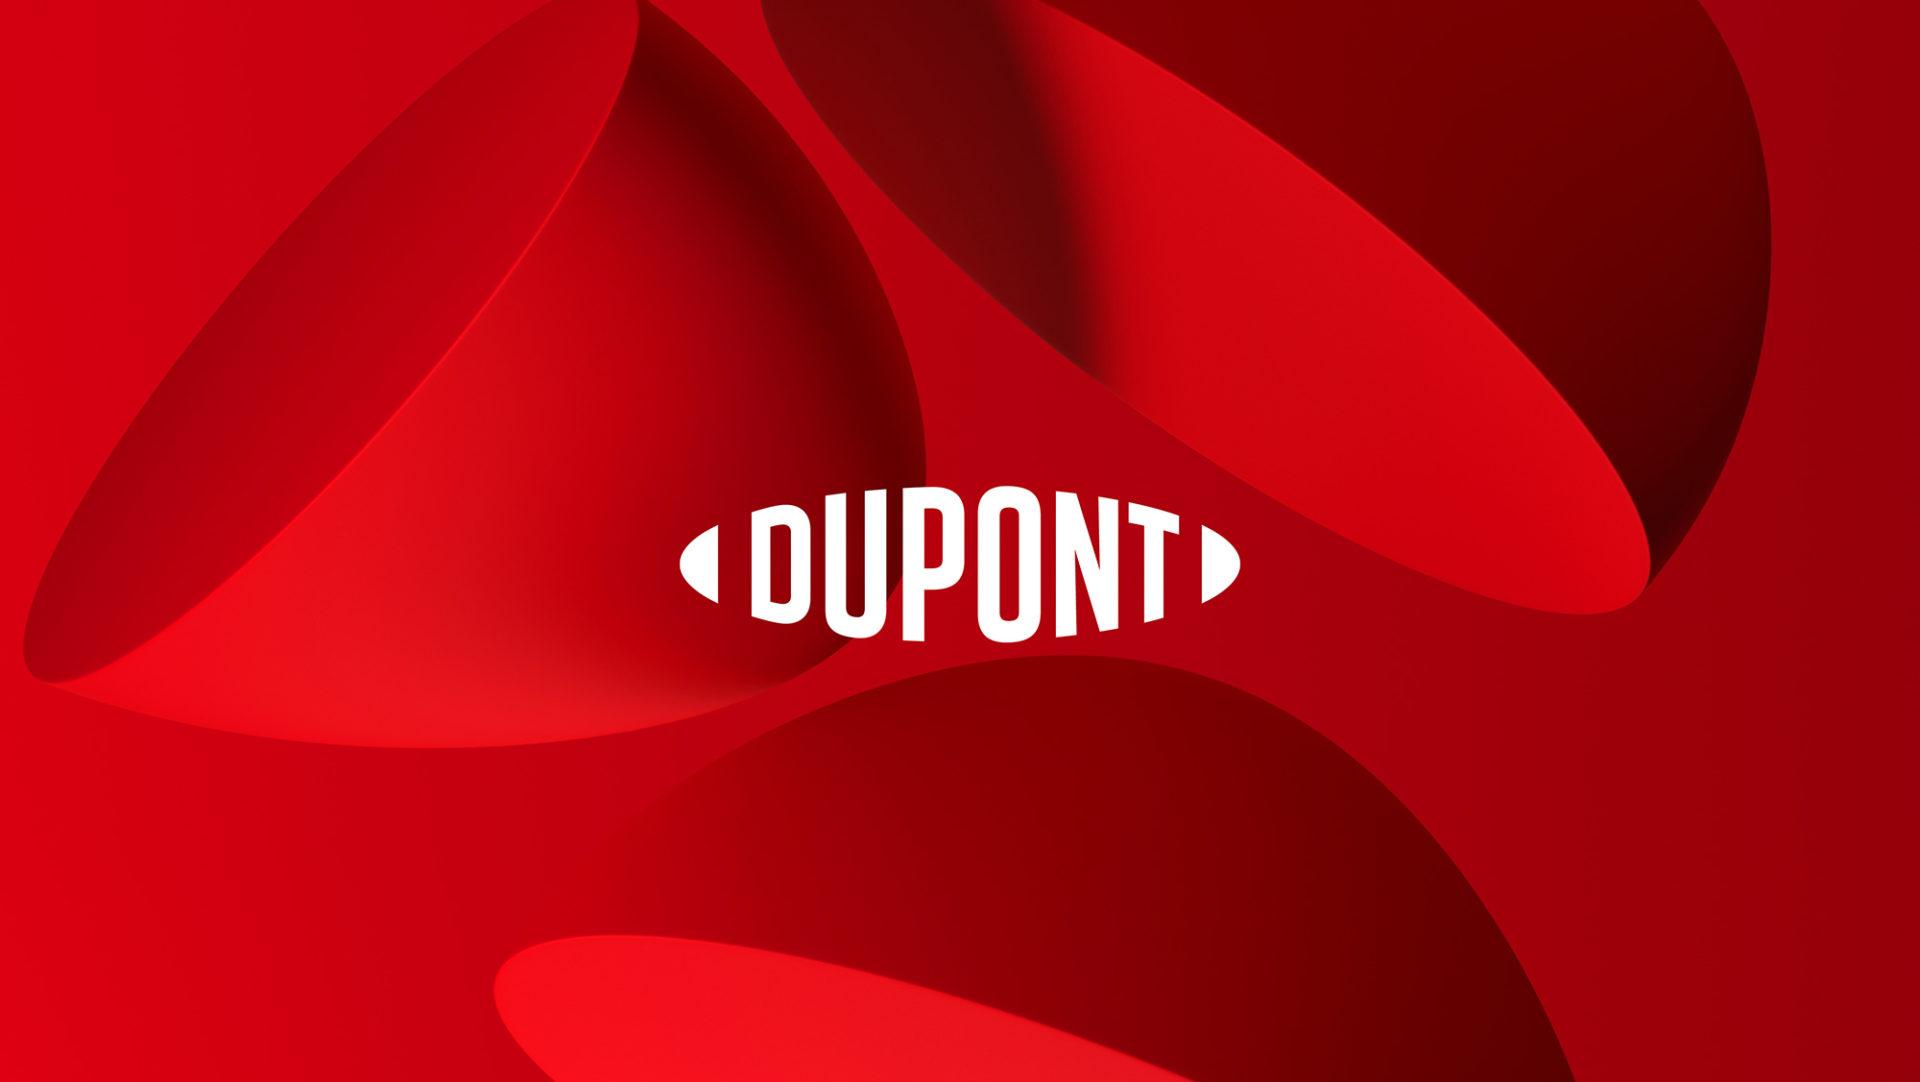 Nuovo logo e identità per DuPont. Dopo 100 anni